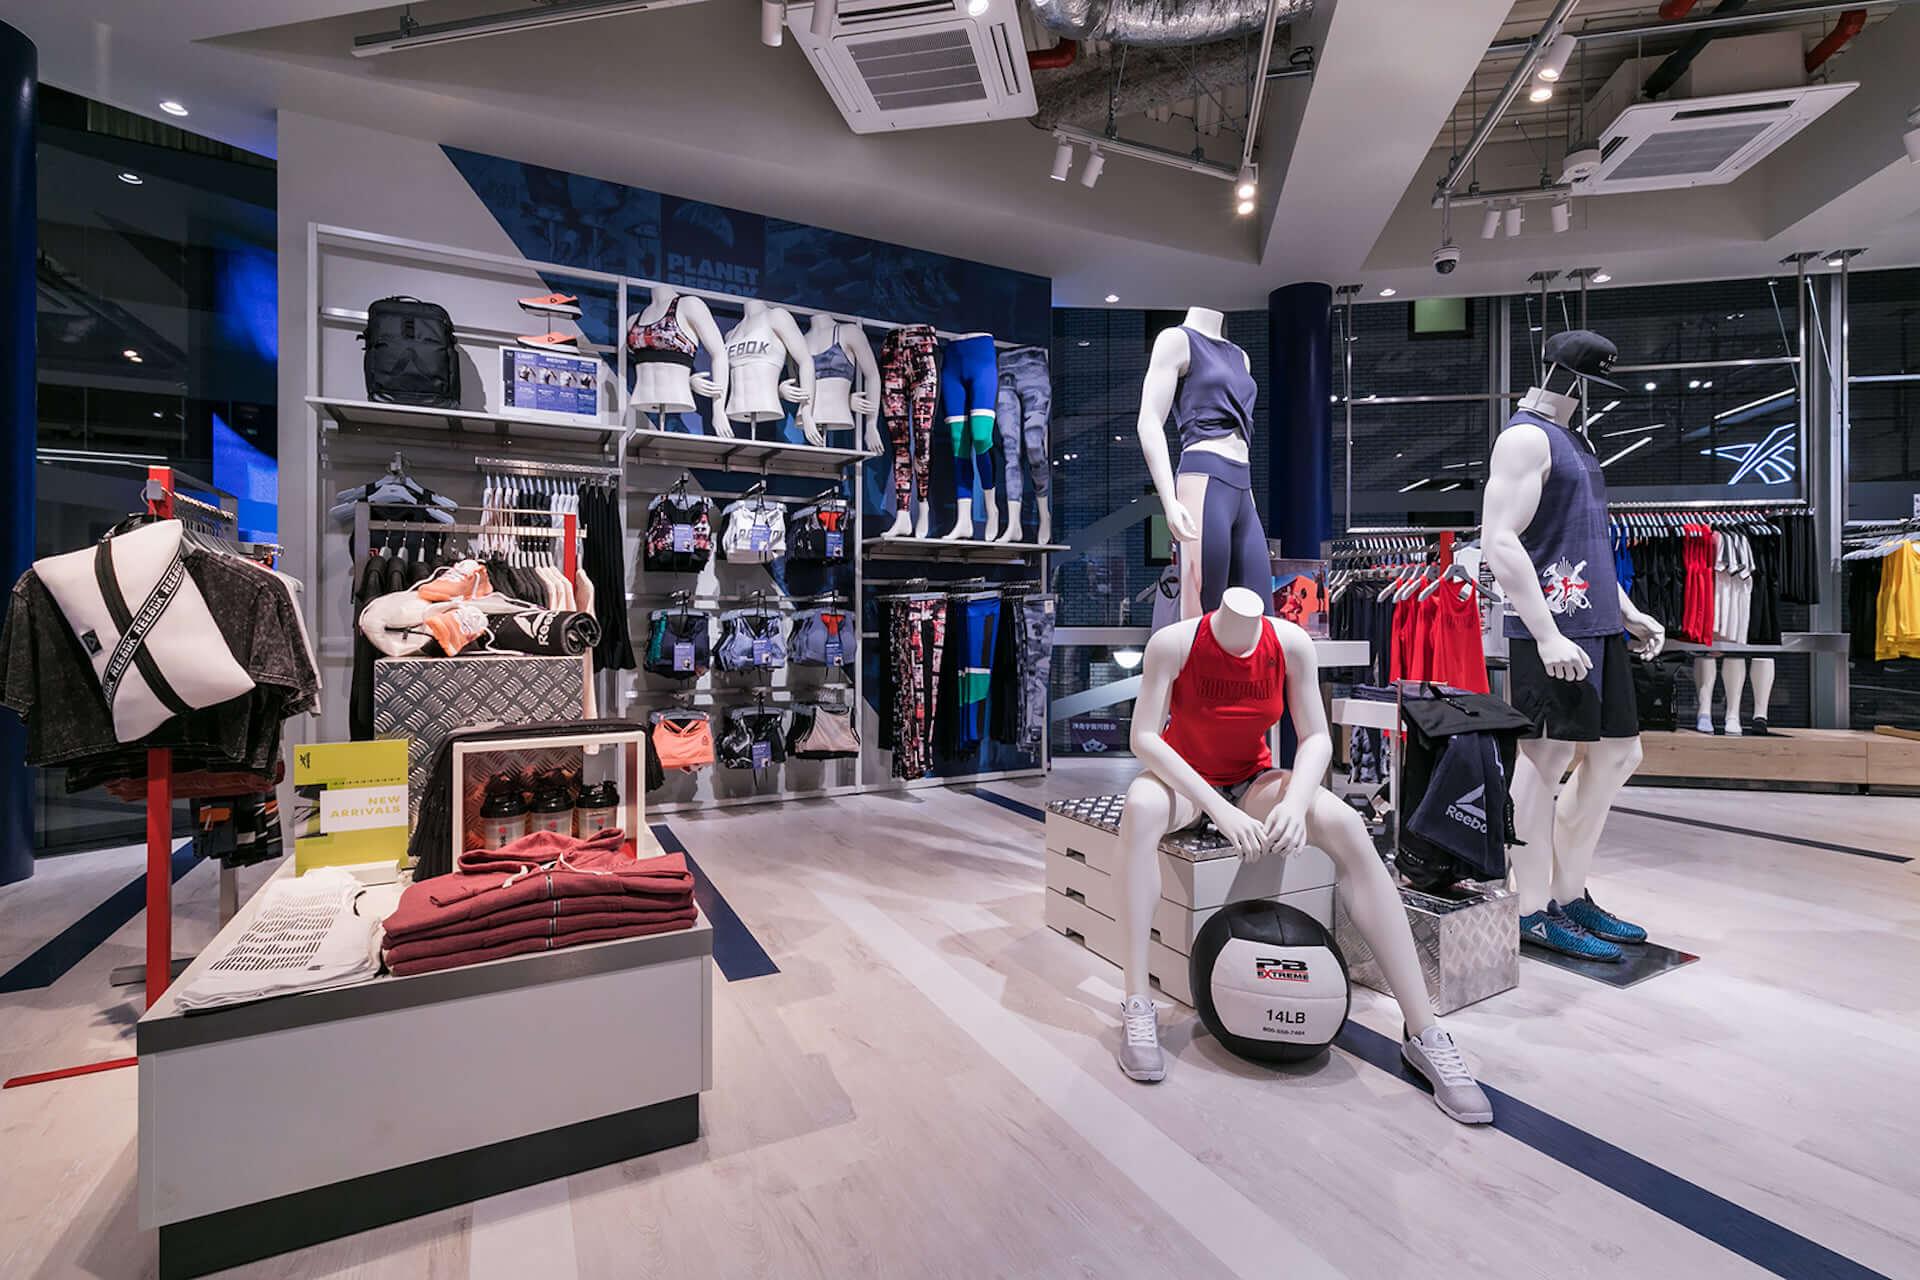 フィットネスとファッションを融合するReebok Store Shibuyaがオープン スタイリングプロジェクト実施、限定アイテムも life190913_reebok_18-1920x1280